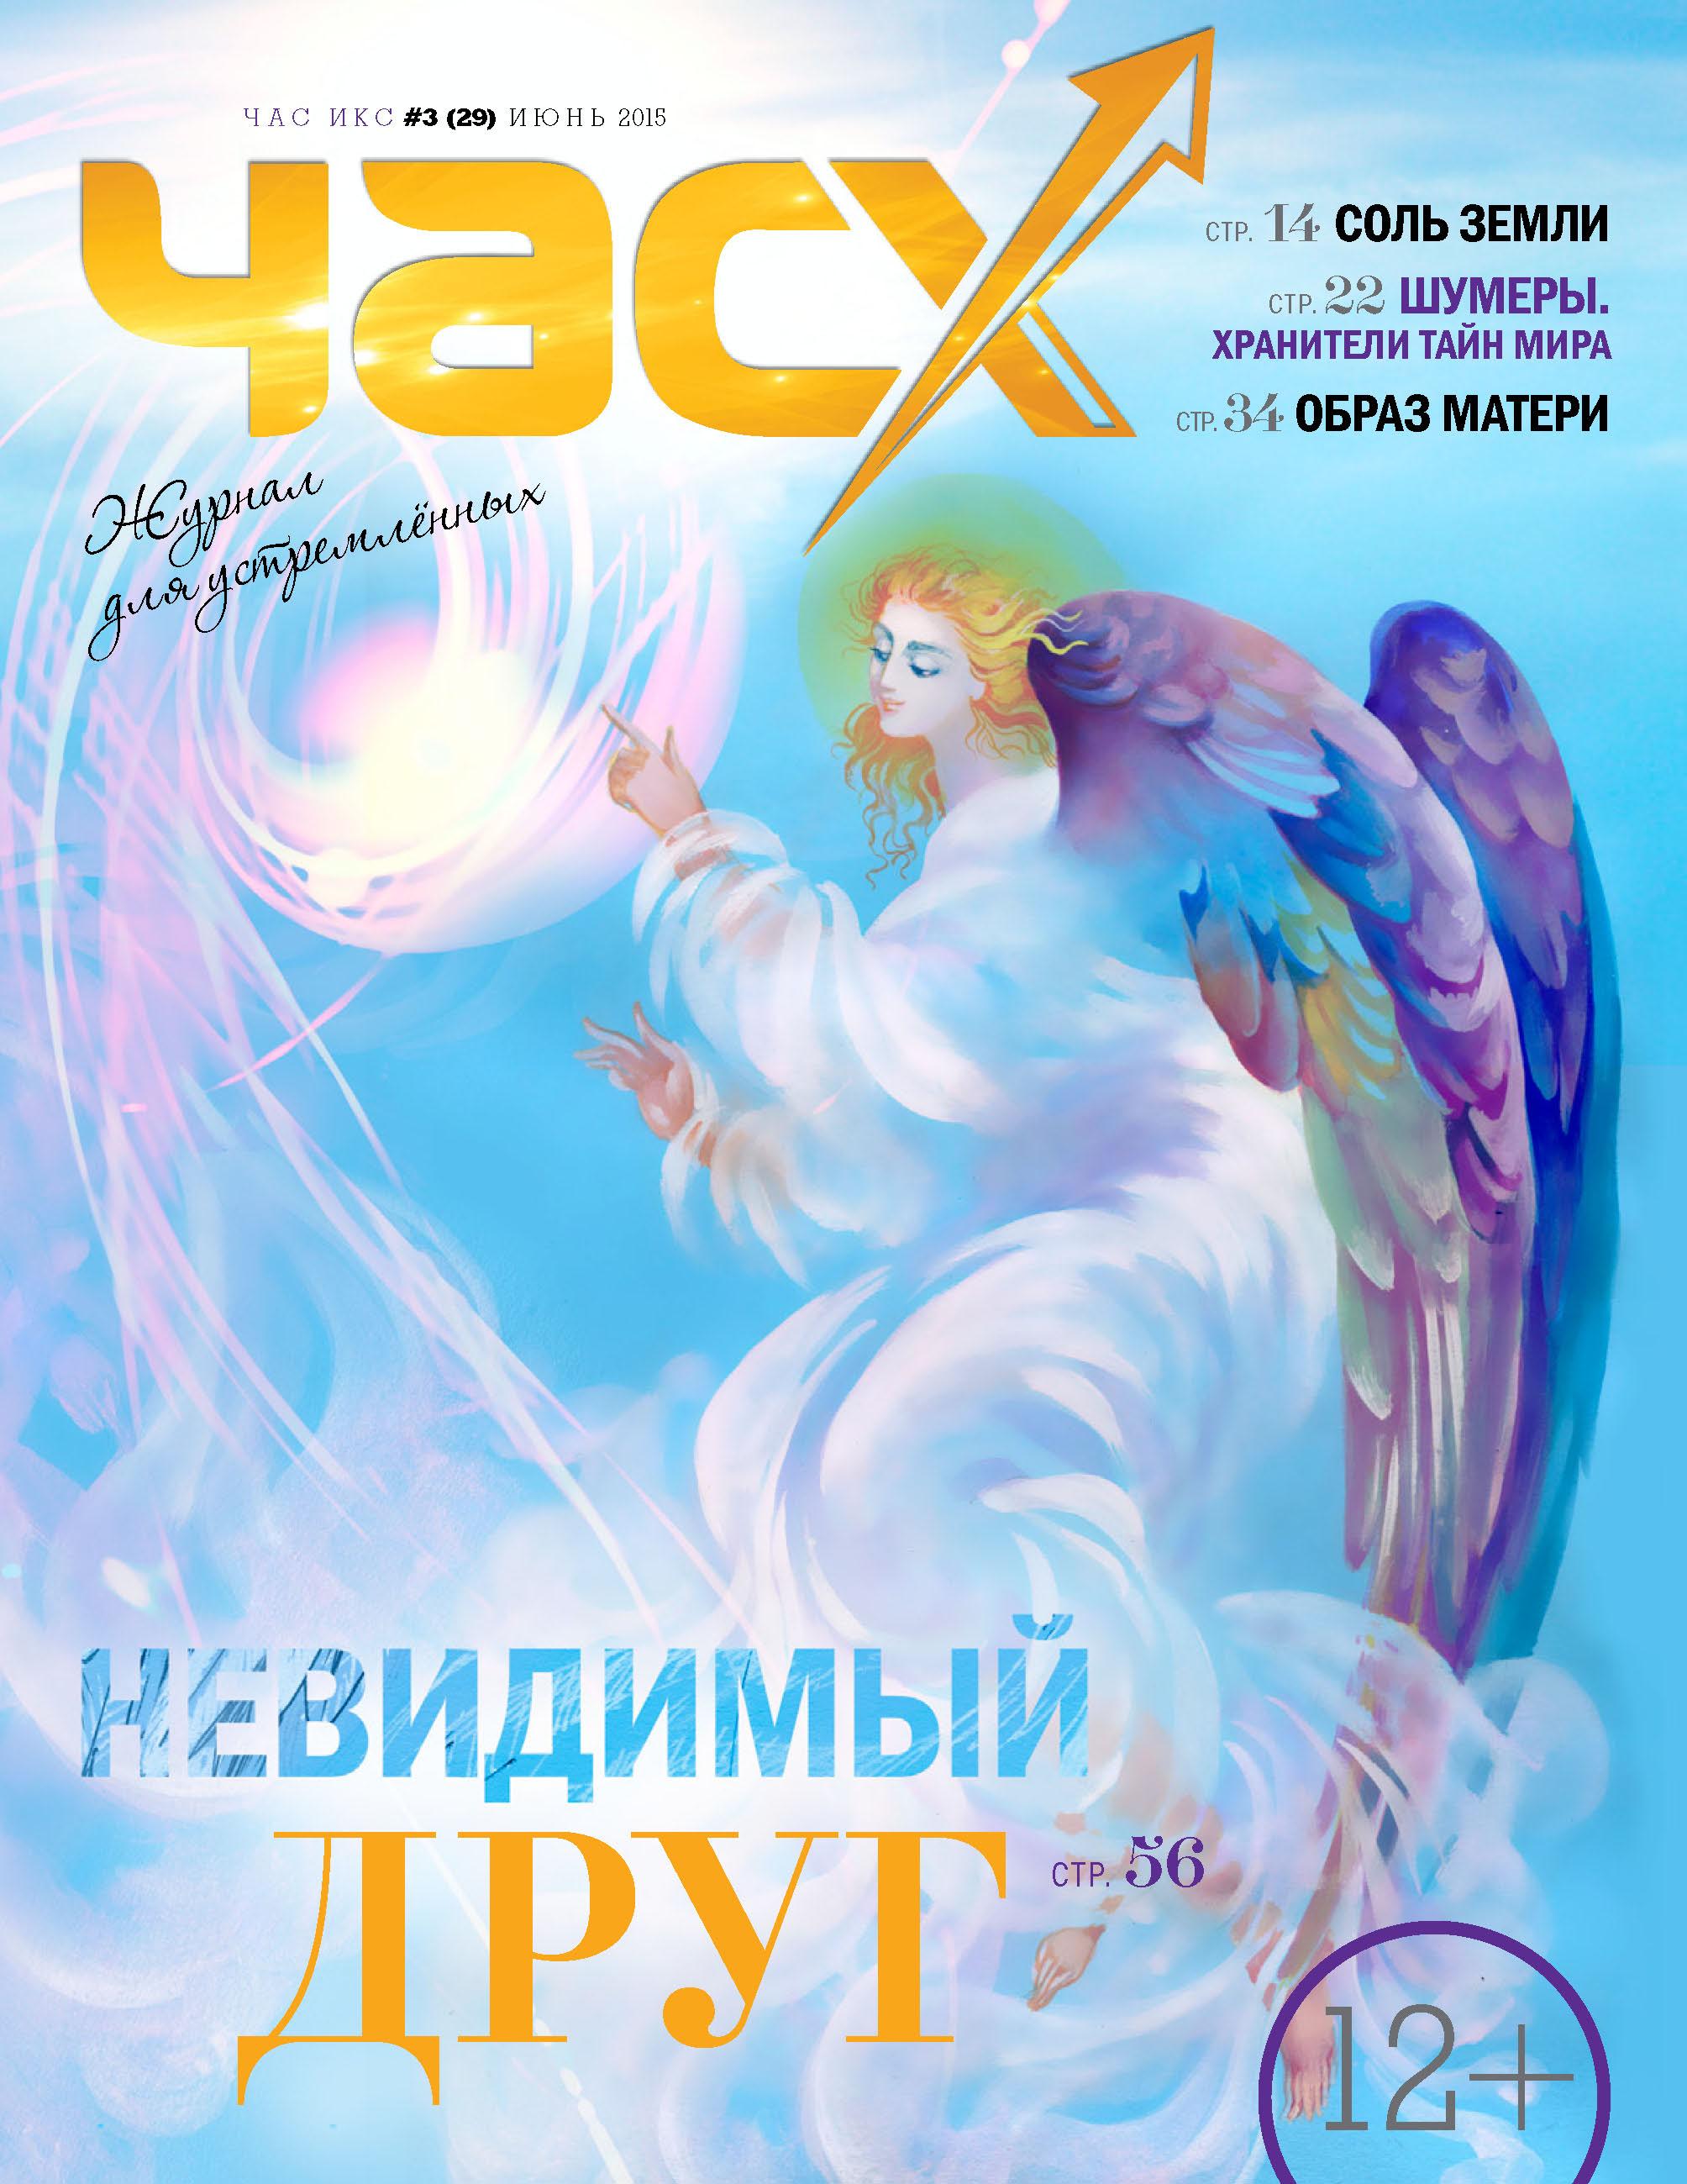 Отсутствует Час X. Журнал для устремленных. №3/2015 отсутствует час x журнал для устремленных 5 2015